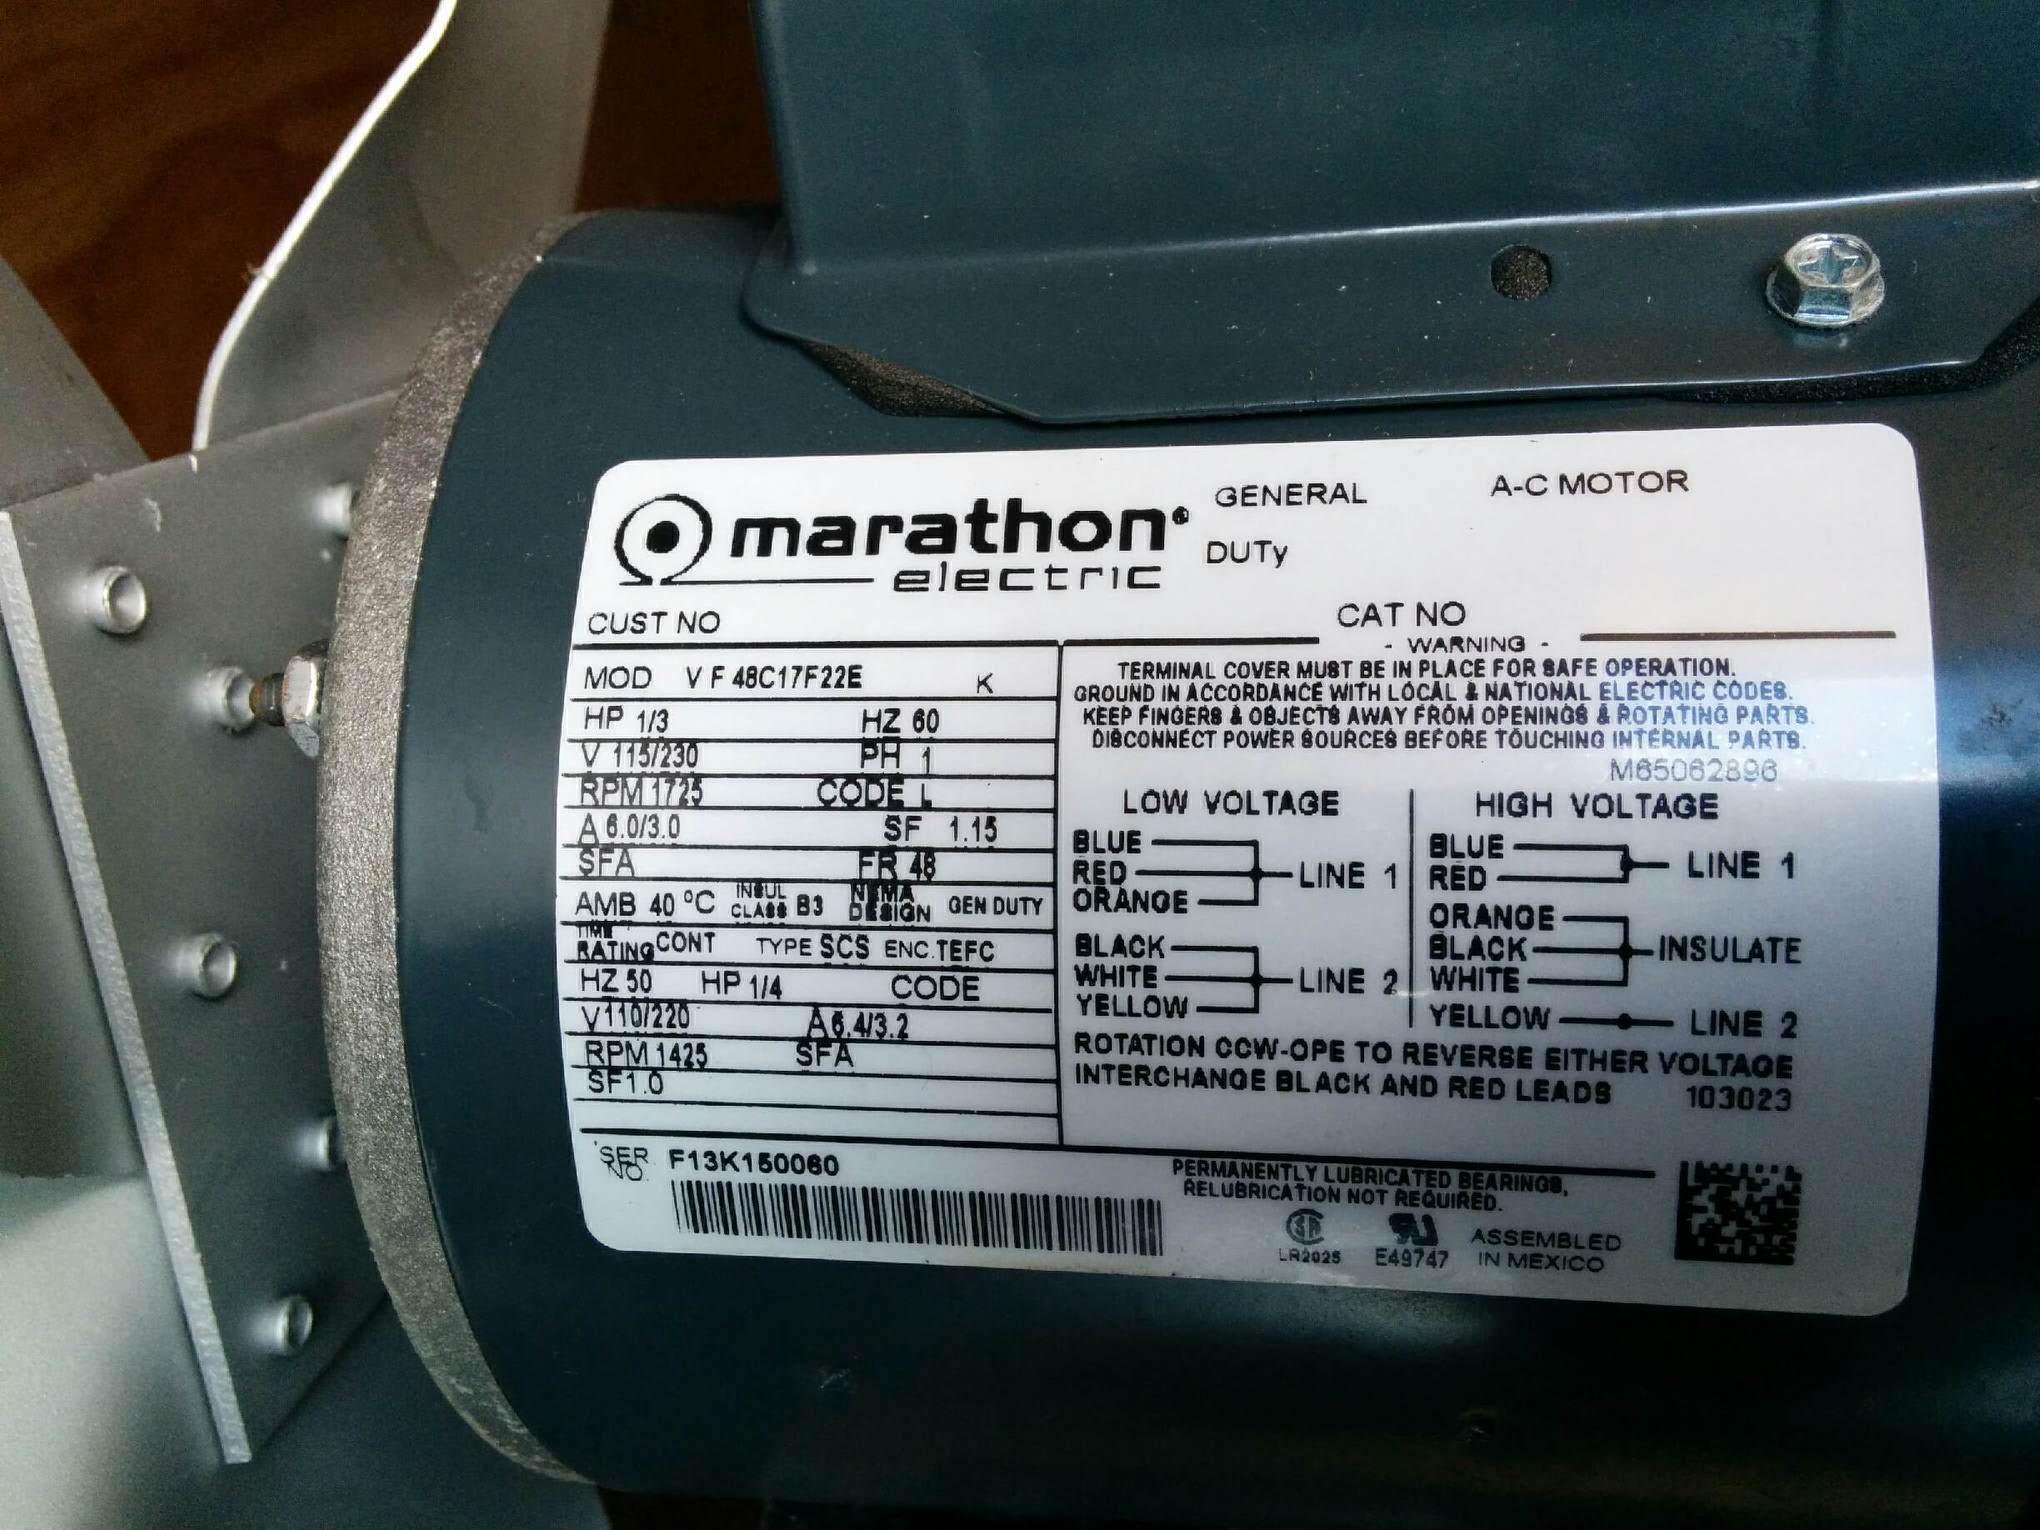 Mx 9812 Marathon Electric 3 Phase Motor Wiring Diagram Wiring Diagram